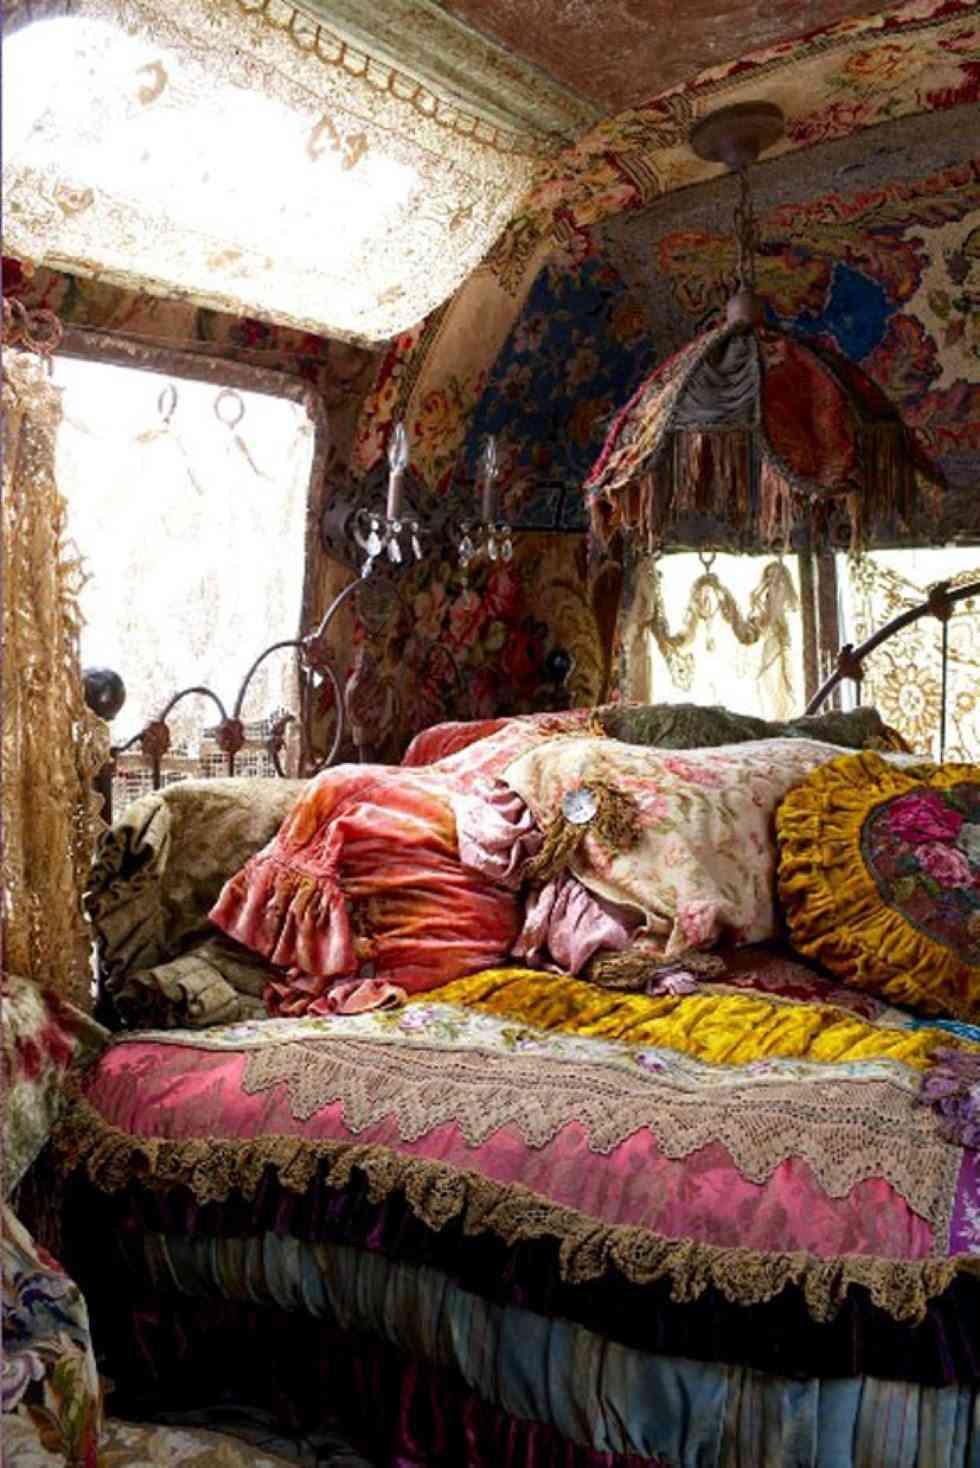 Una cueva de colores. ¿Te imaginas dormir aquí todas las noches?